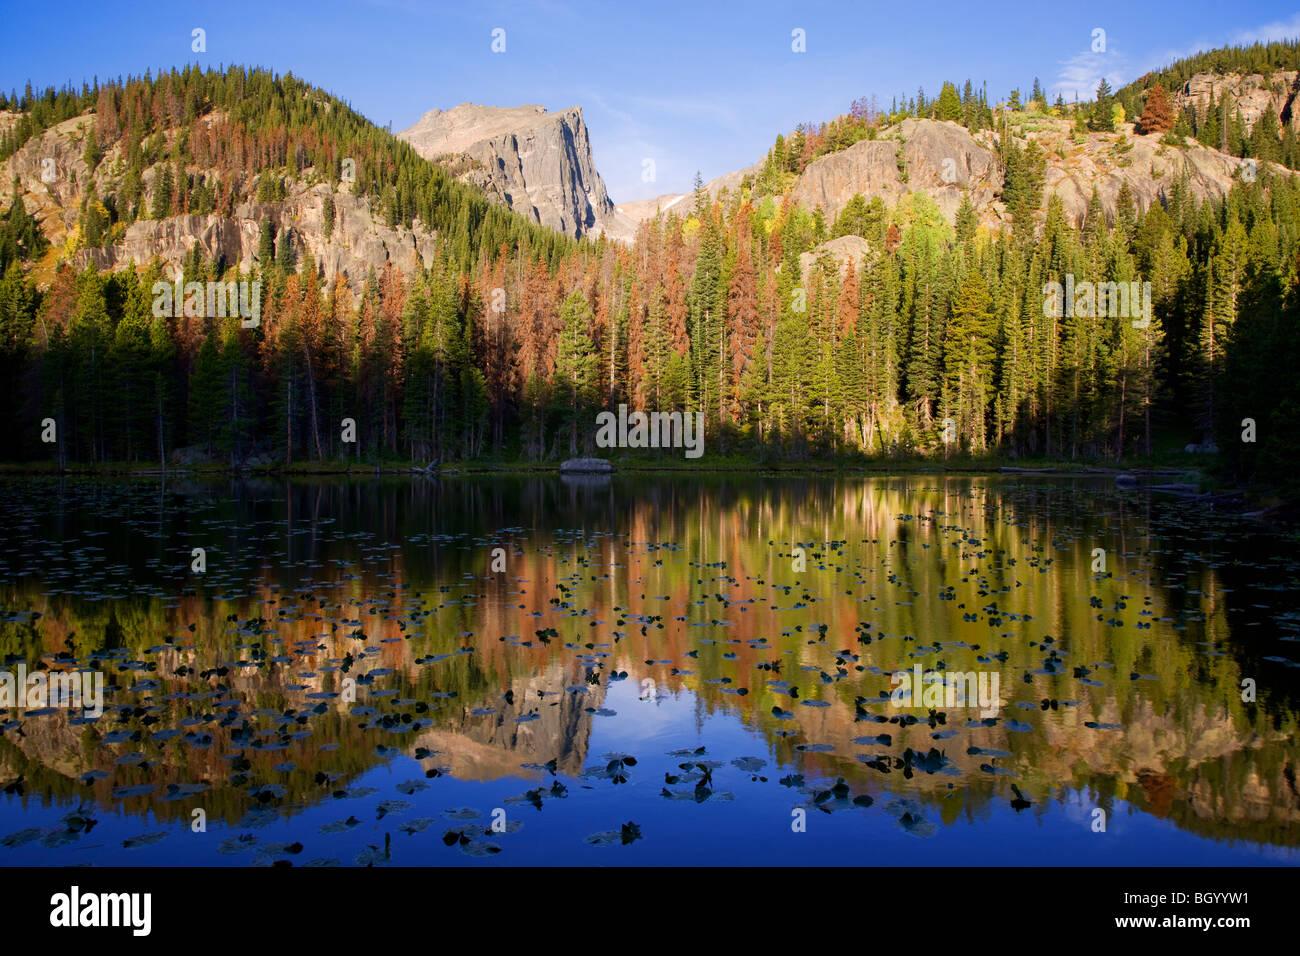 La ninfa del lago, el Parque Nacional de Rocky Mountain, Colorado. Imagen De Stock